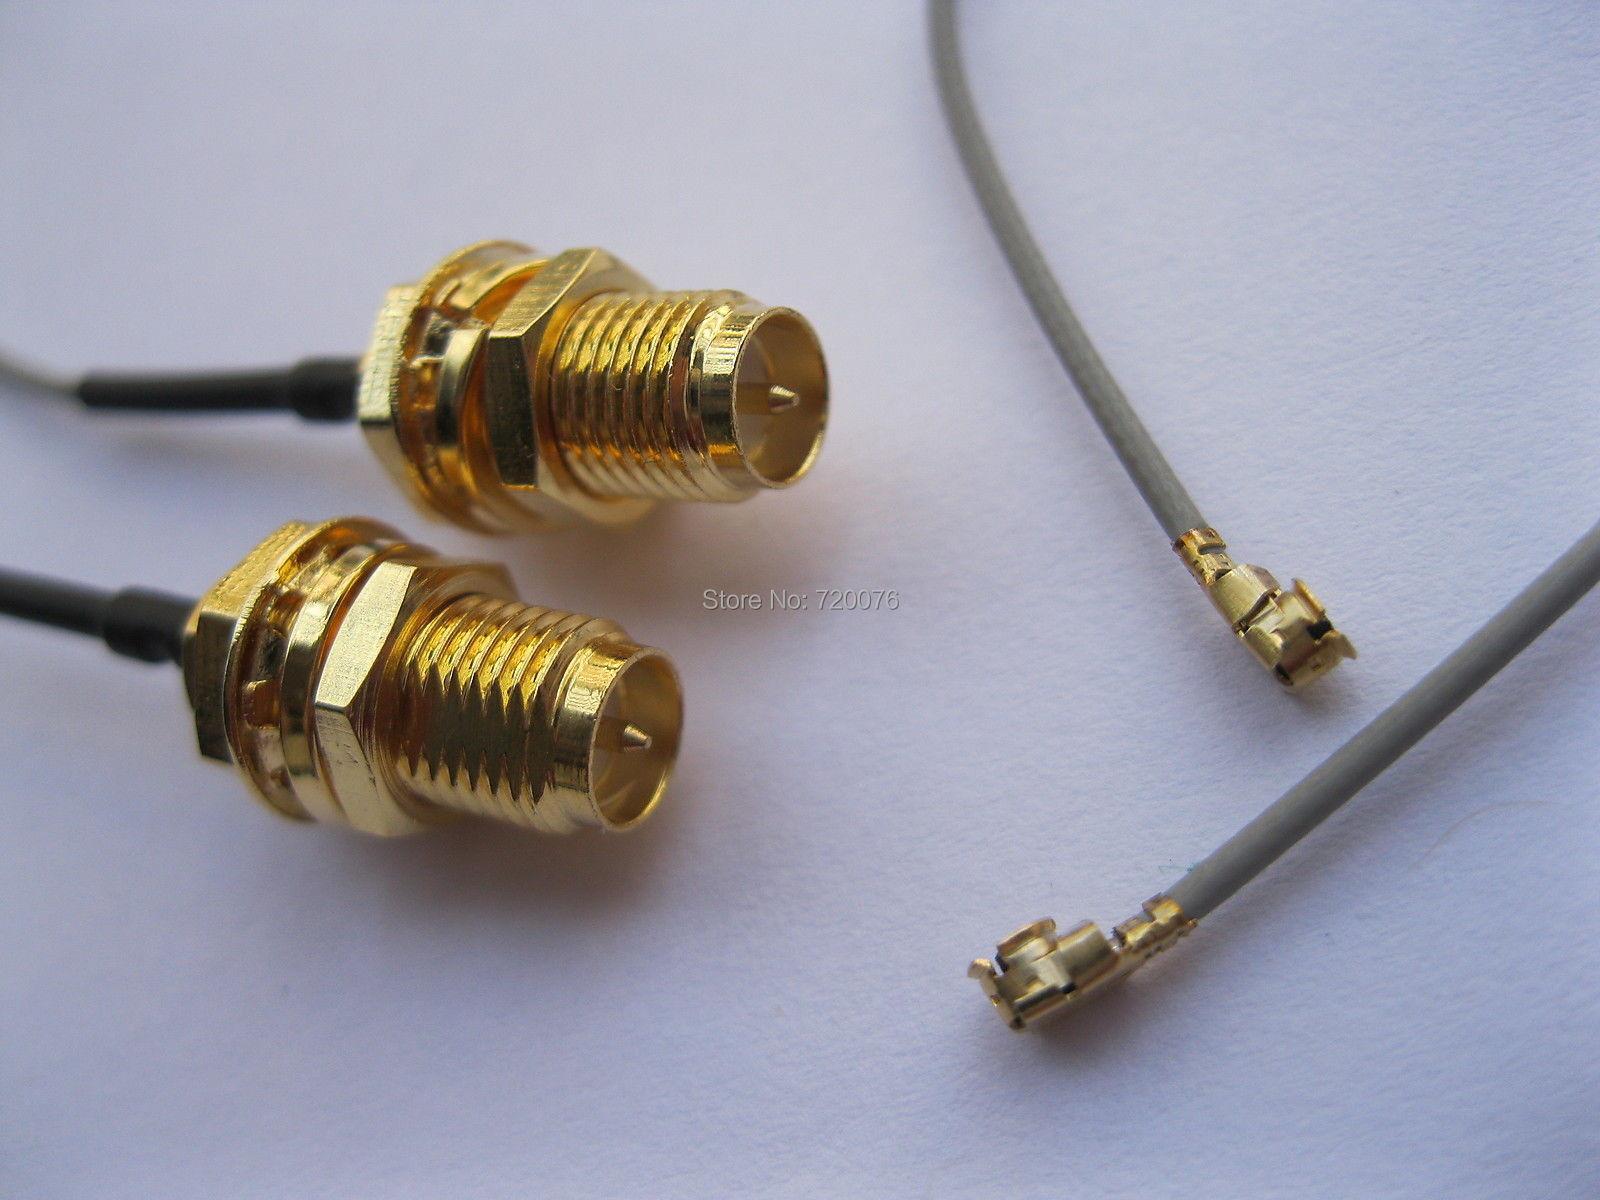 200 قطع RP-SMA ذكر دبوس موصل إلى ipx u. fl 1.13 هوائي wifi كابل 120 ملليمتر